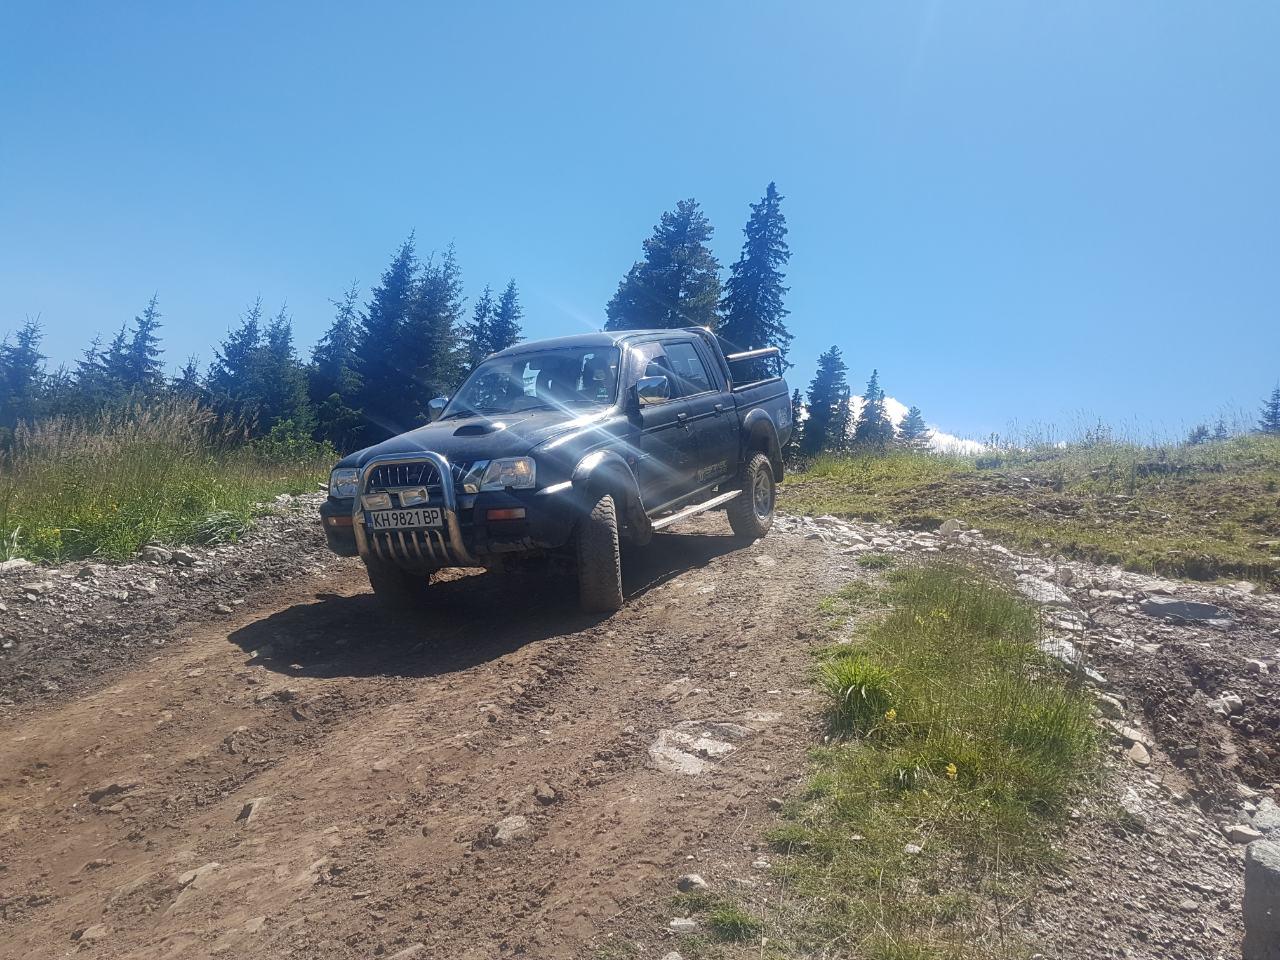 Go for a jeep safari